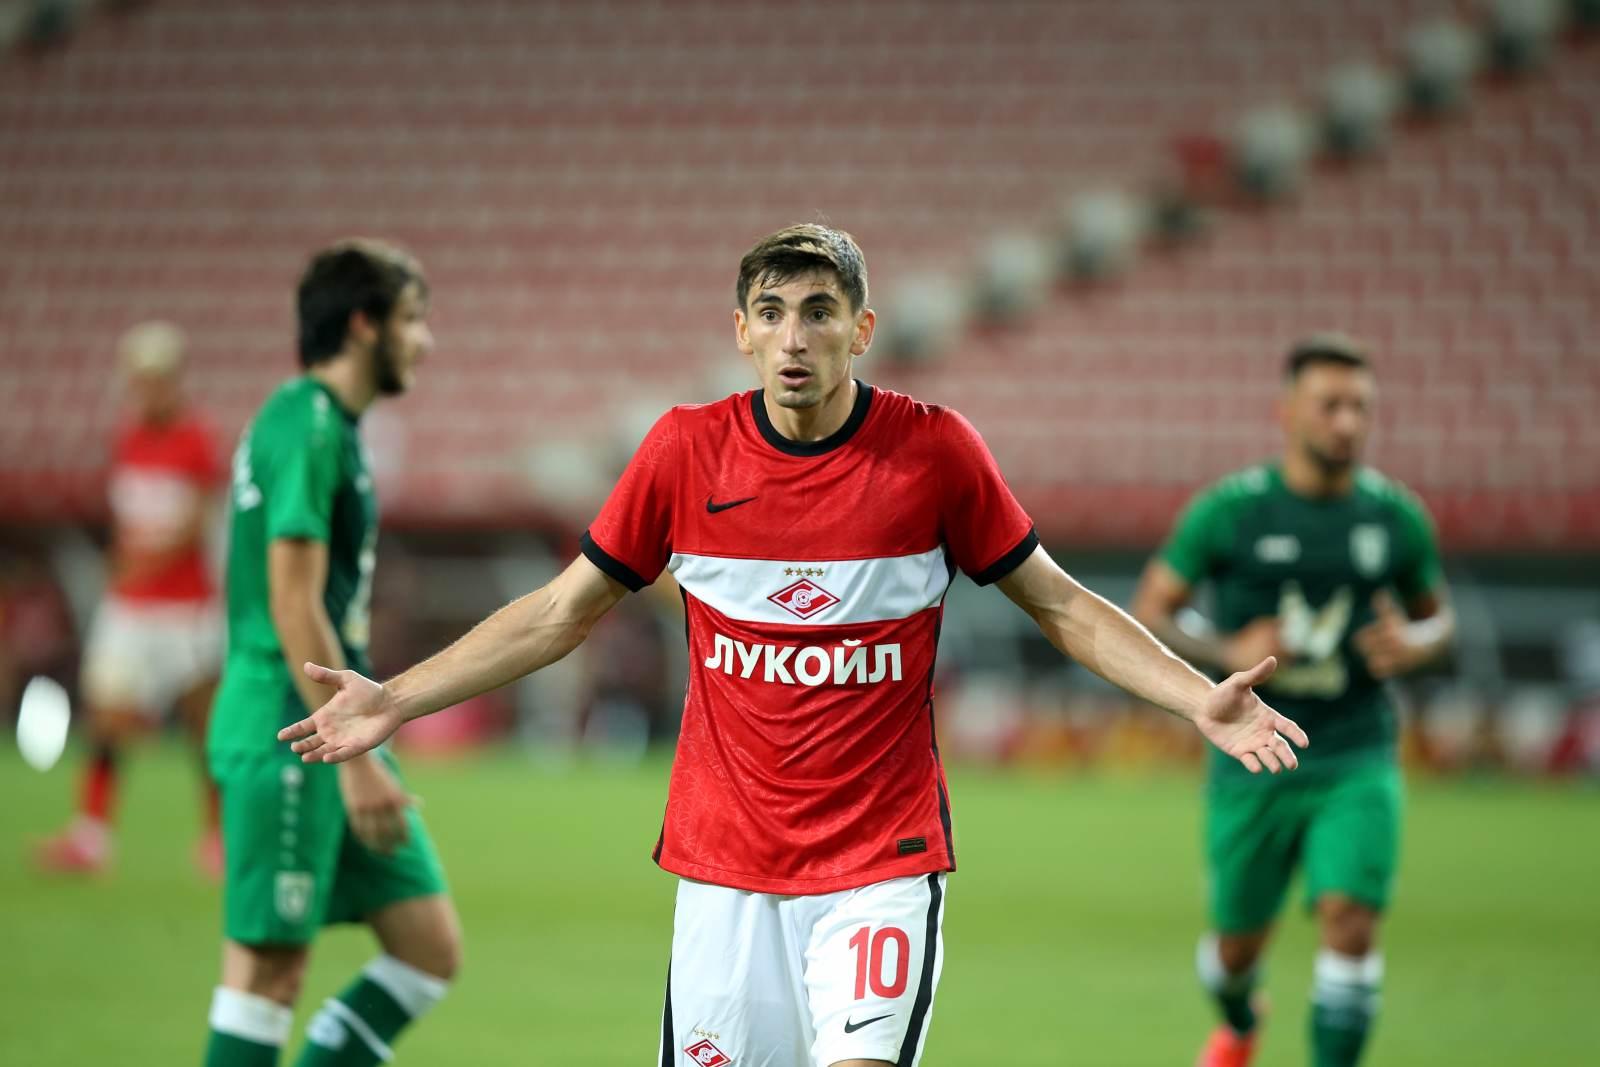 Бакаев: «Надеюсь, шансы пройти «Бенфику» ещё есть»